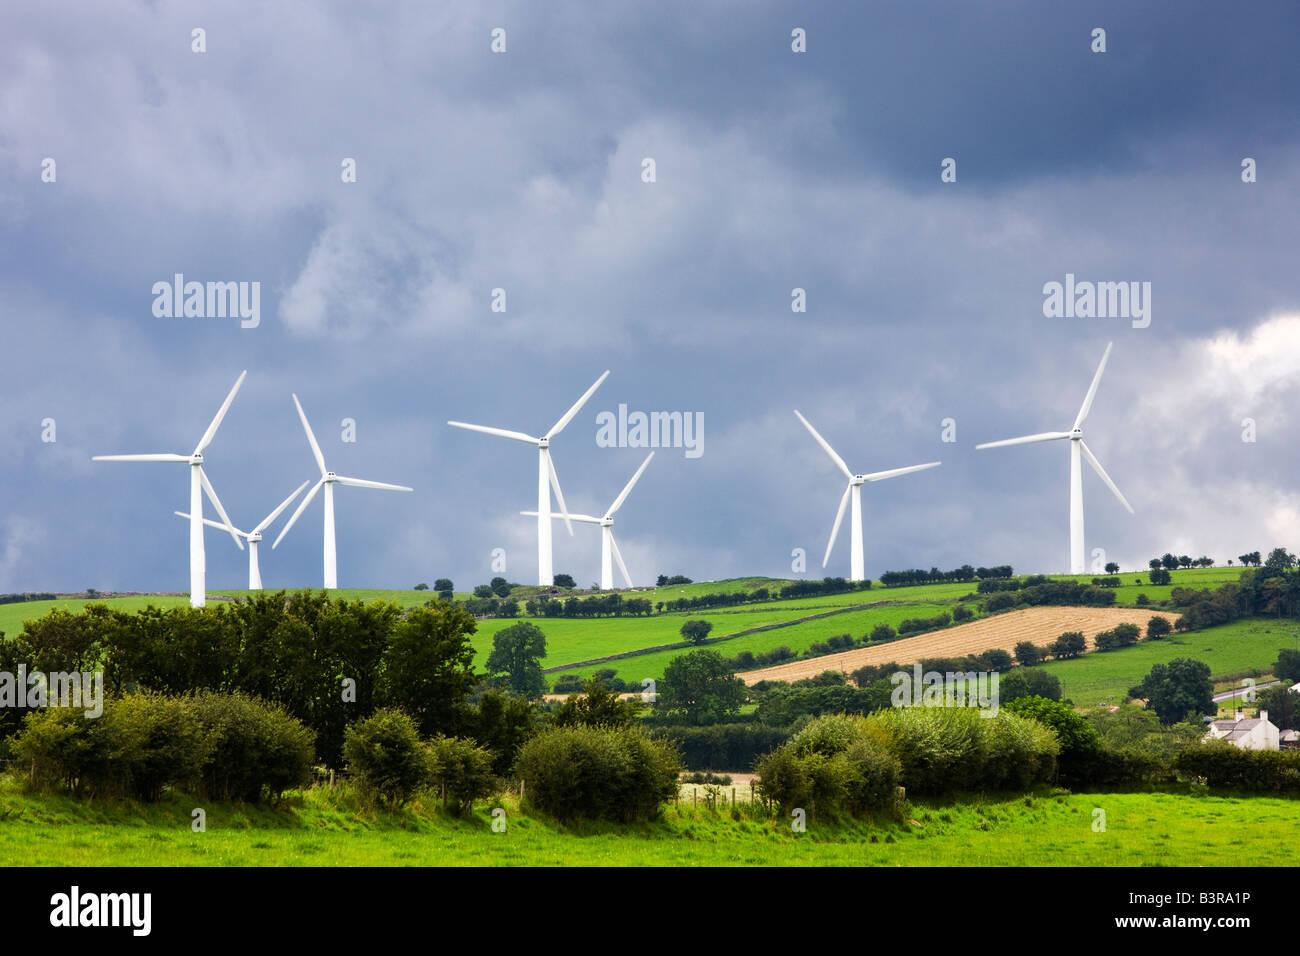 Ländliche Windpark mit Wea-Installation in Cumbria Lake District, England, Großbritannien Stockbild